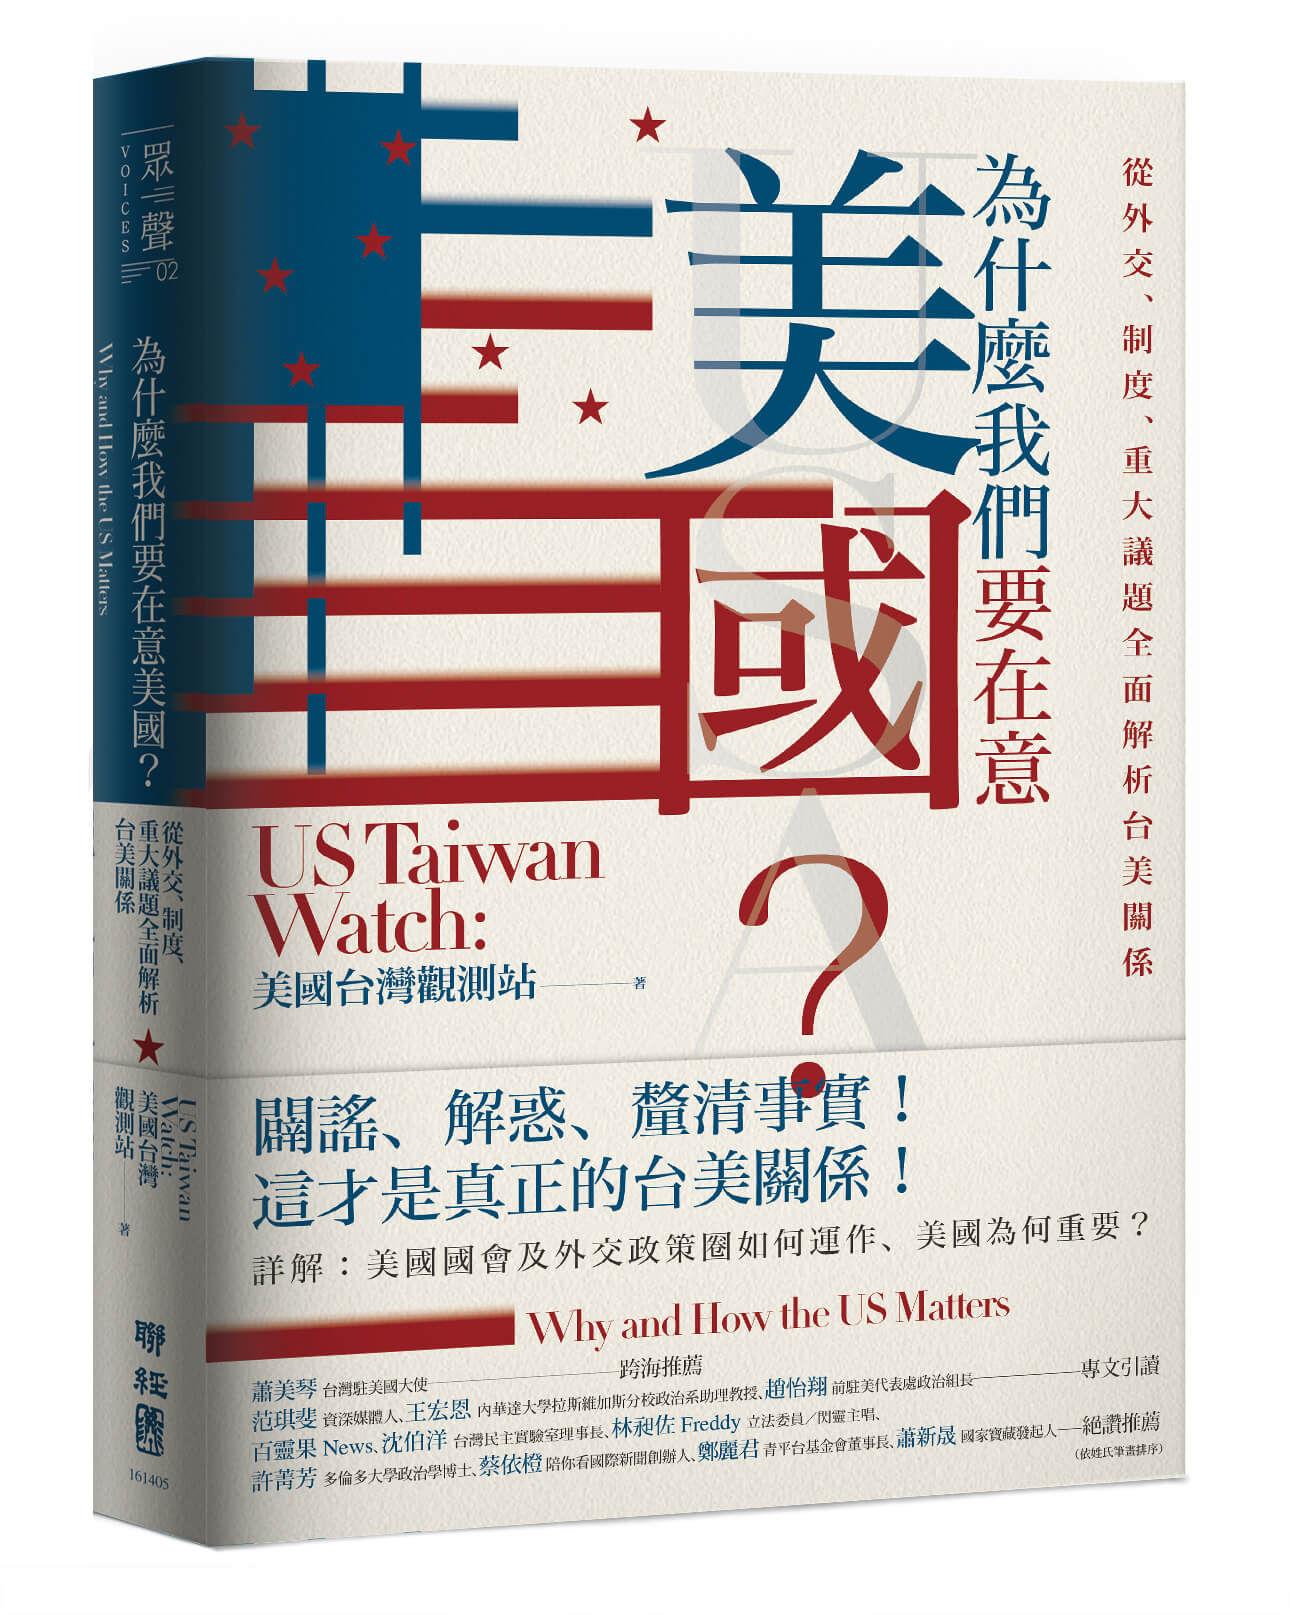 一中政策,一中原則,中共,三段論,台灣關係法,六項保證,八一七公報,川普,拜登